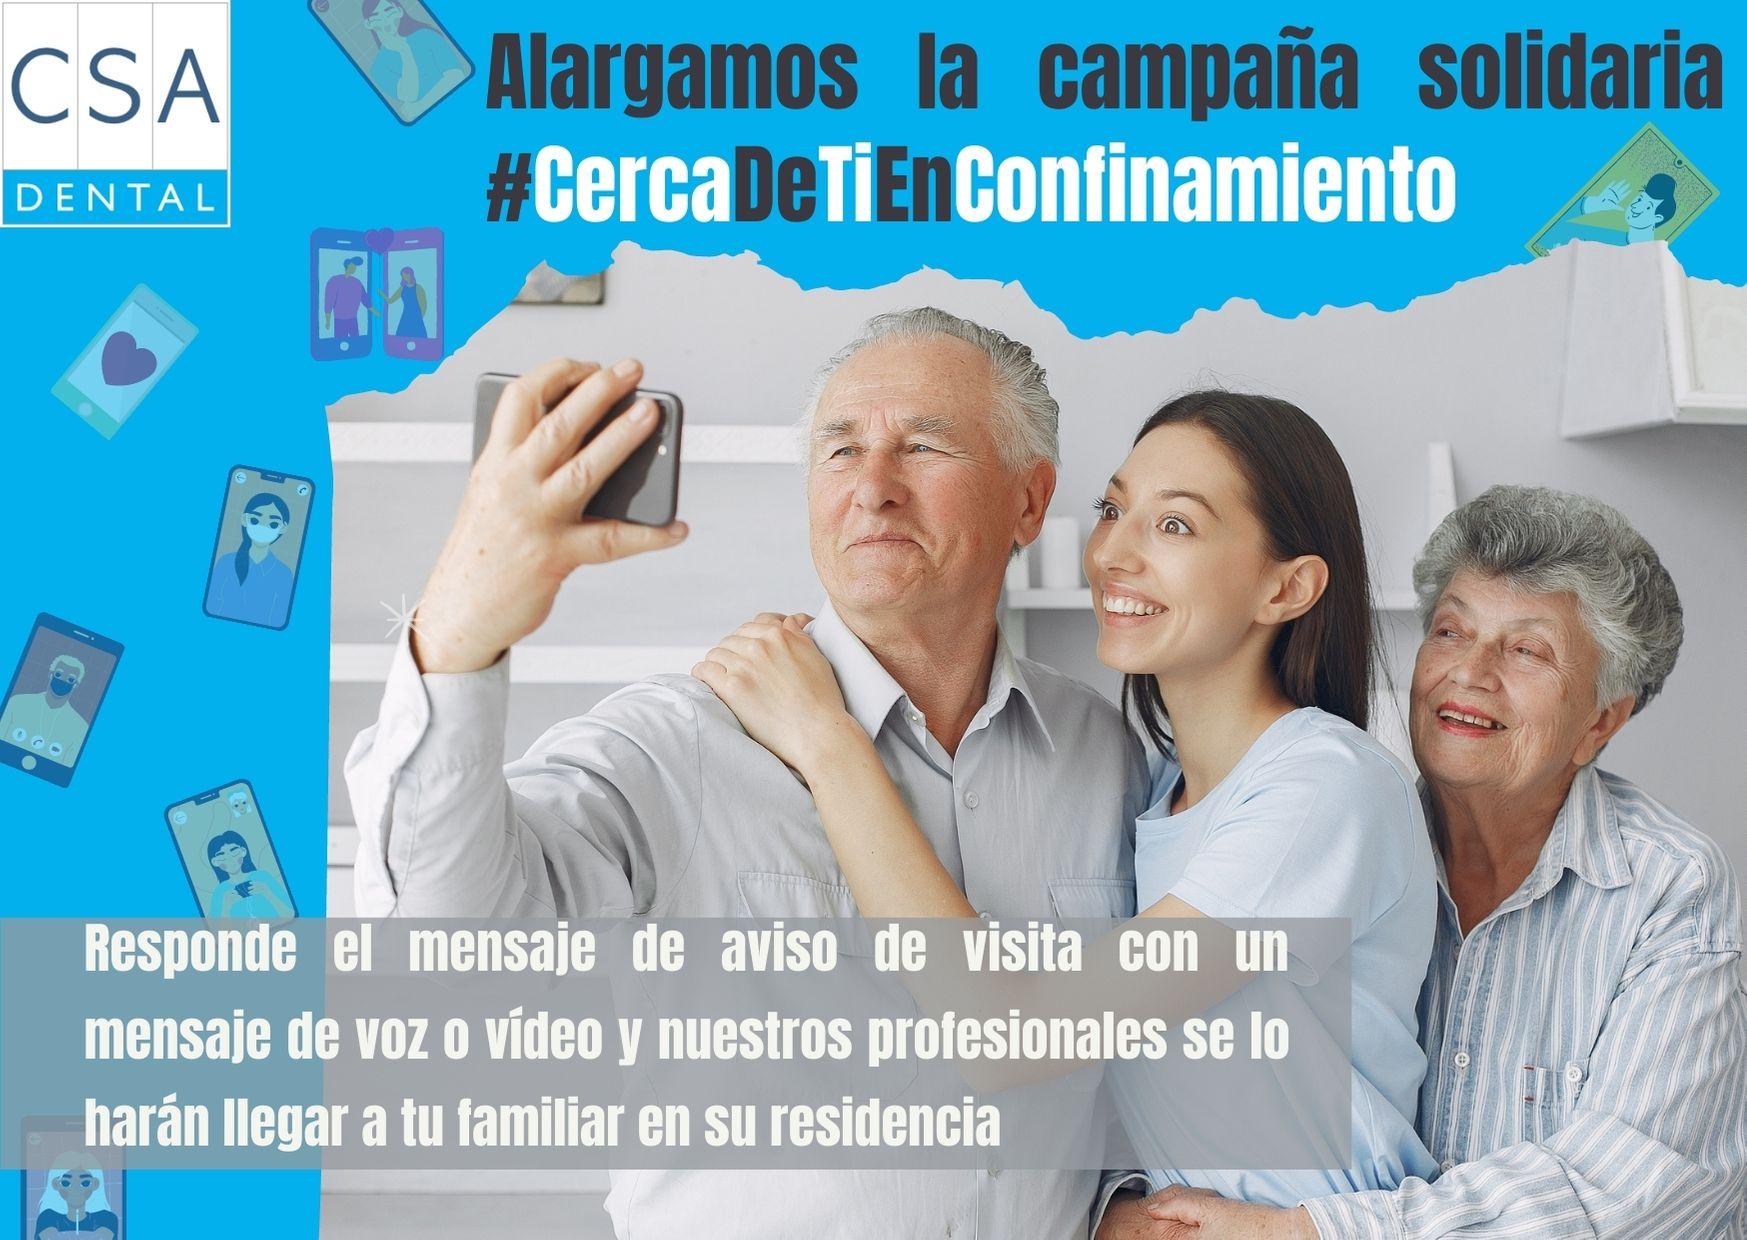 Campaña solidaria #CercaDeTiEnNavidad